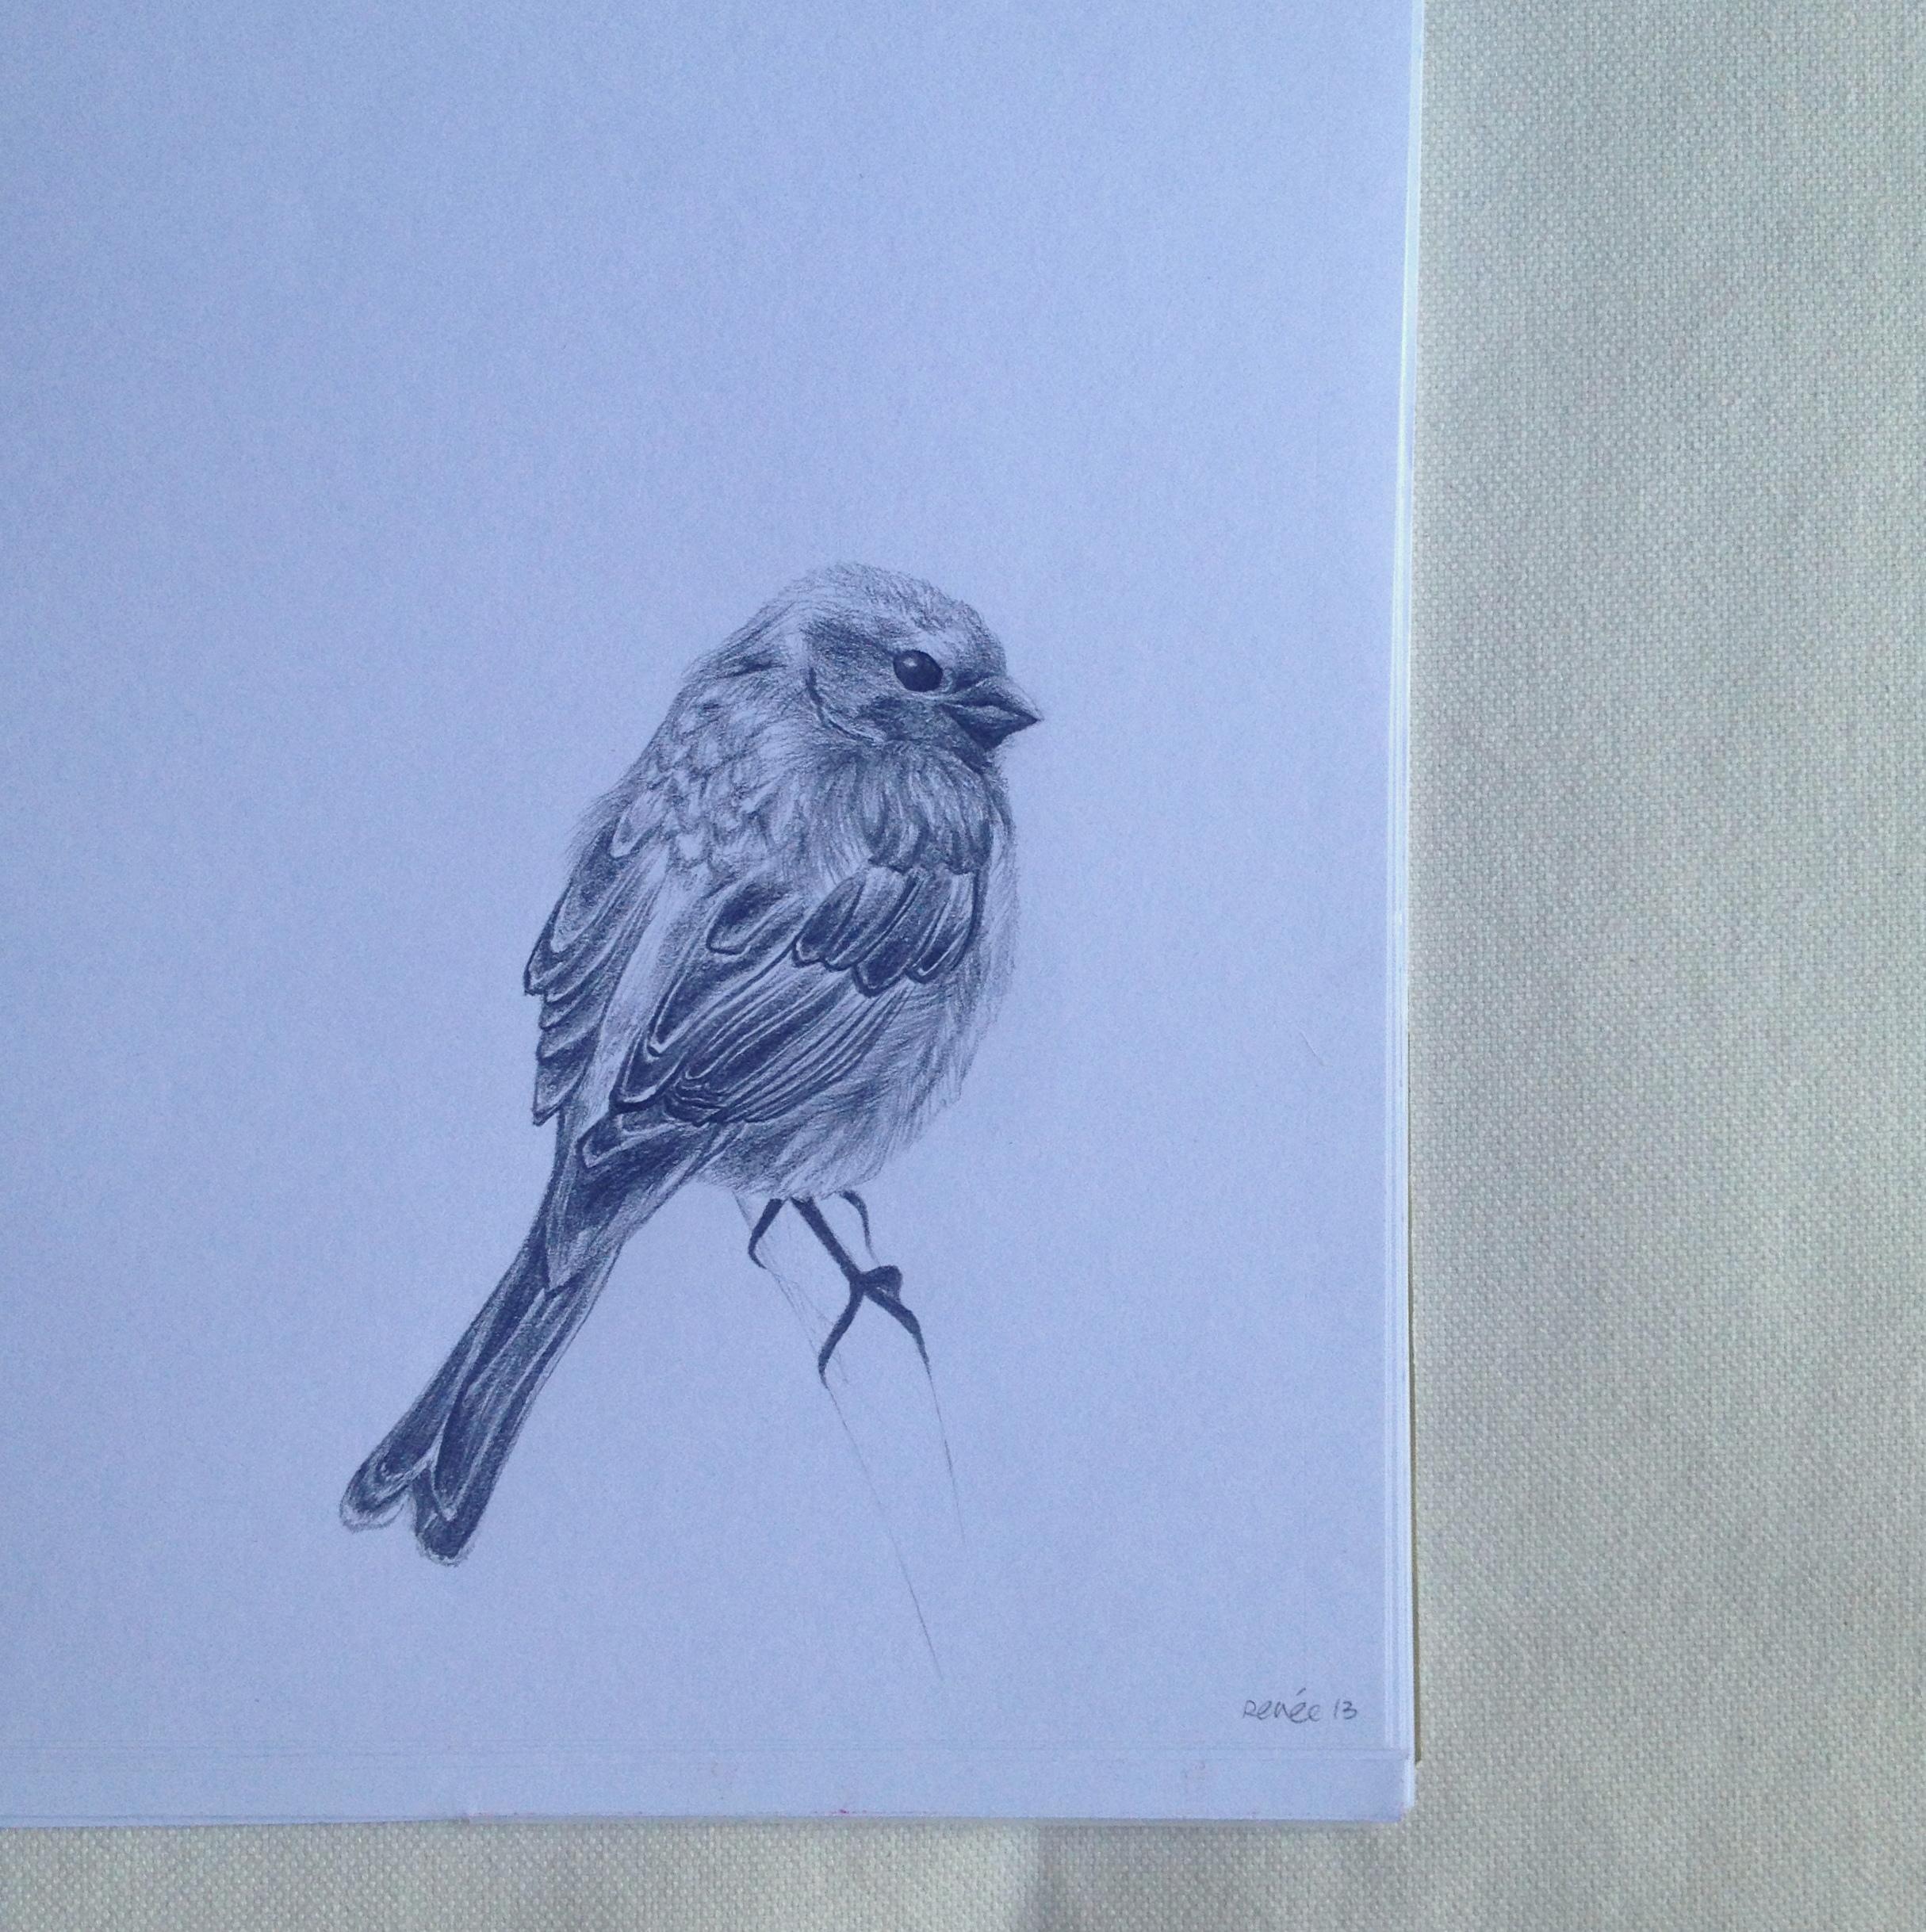 © Karen's Bird by Renée Nesbitt